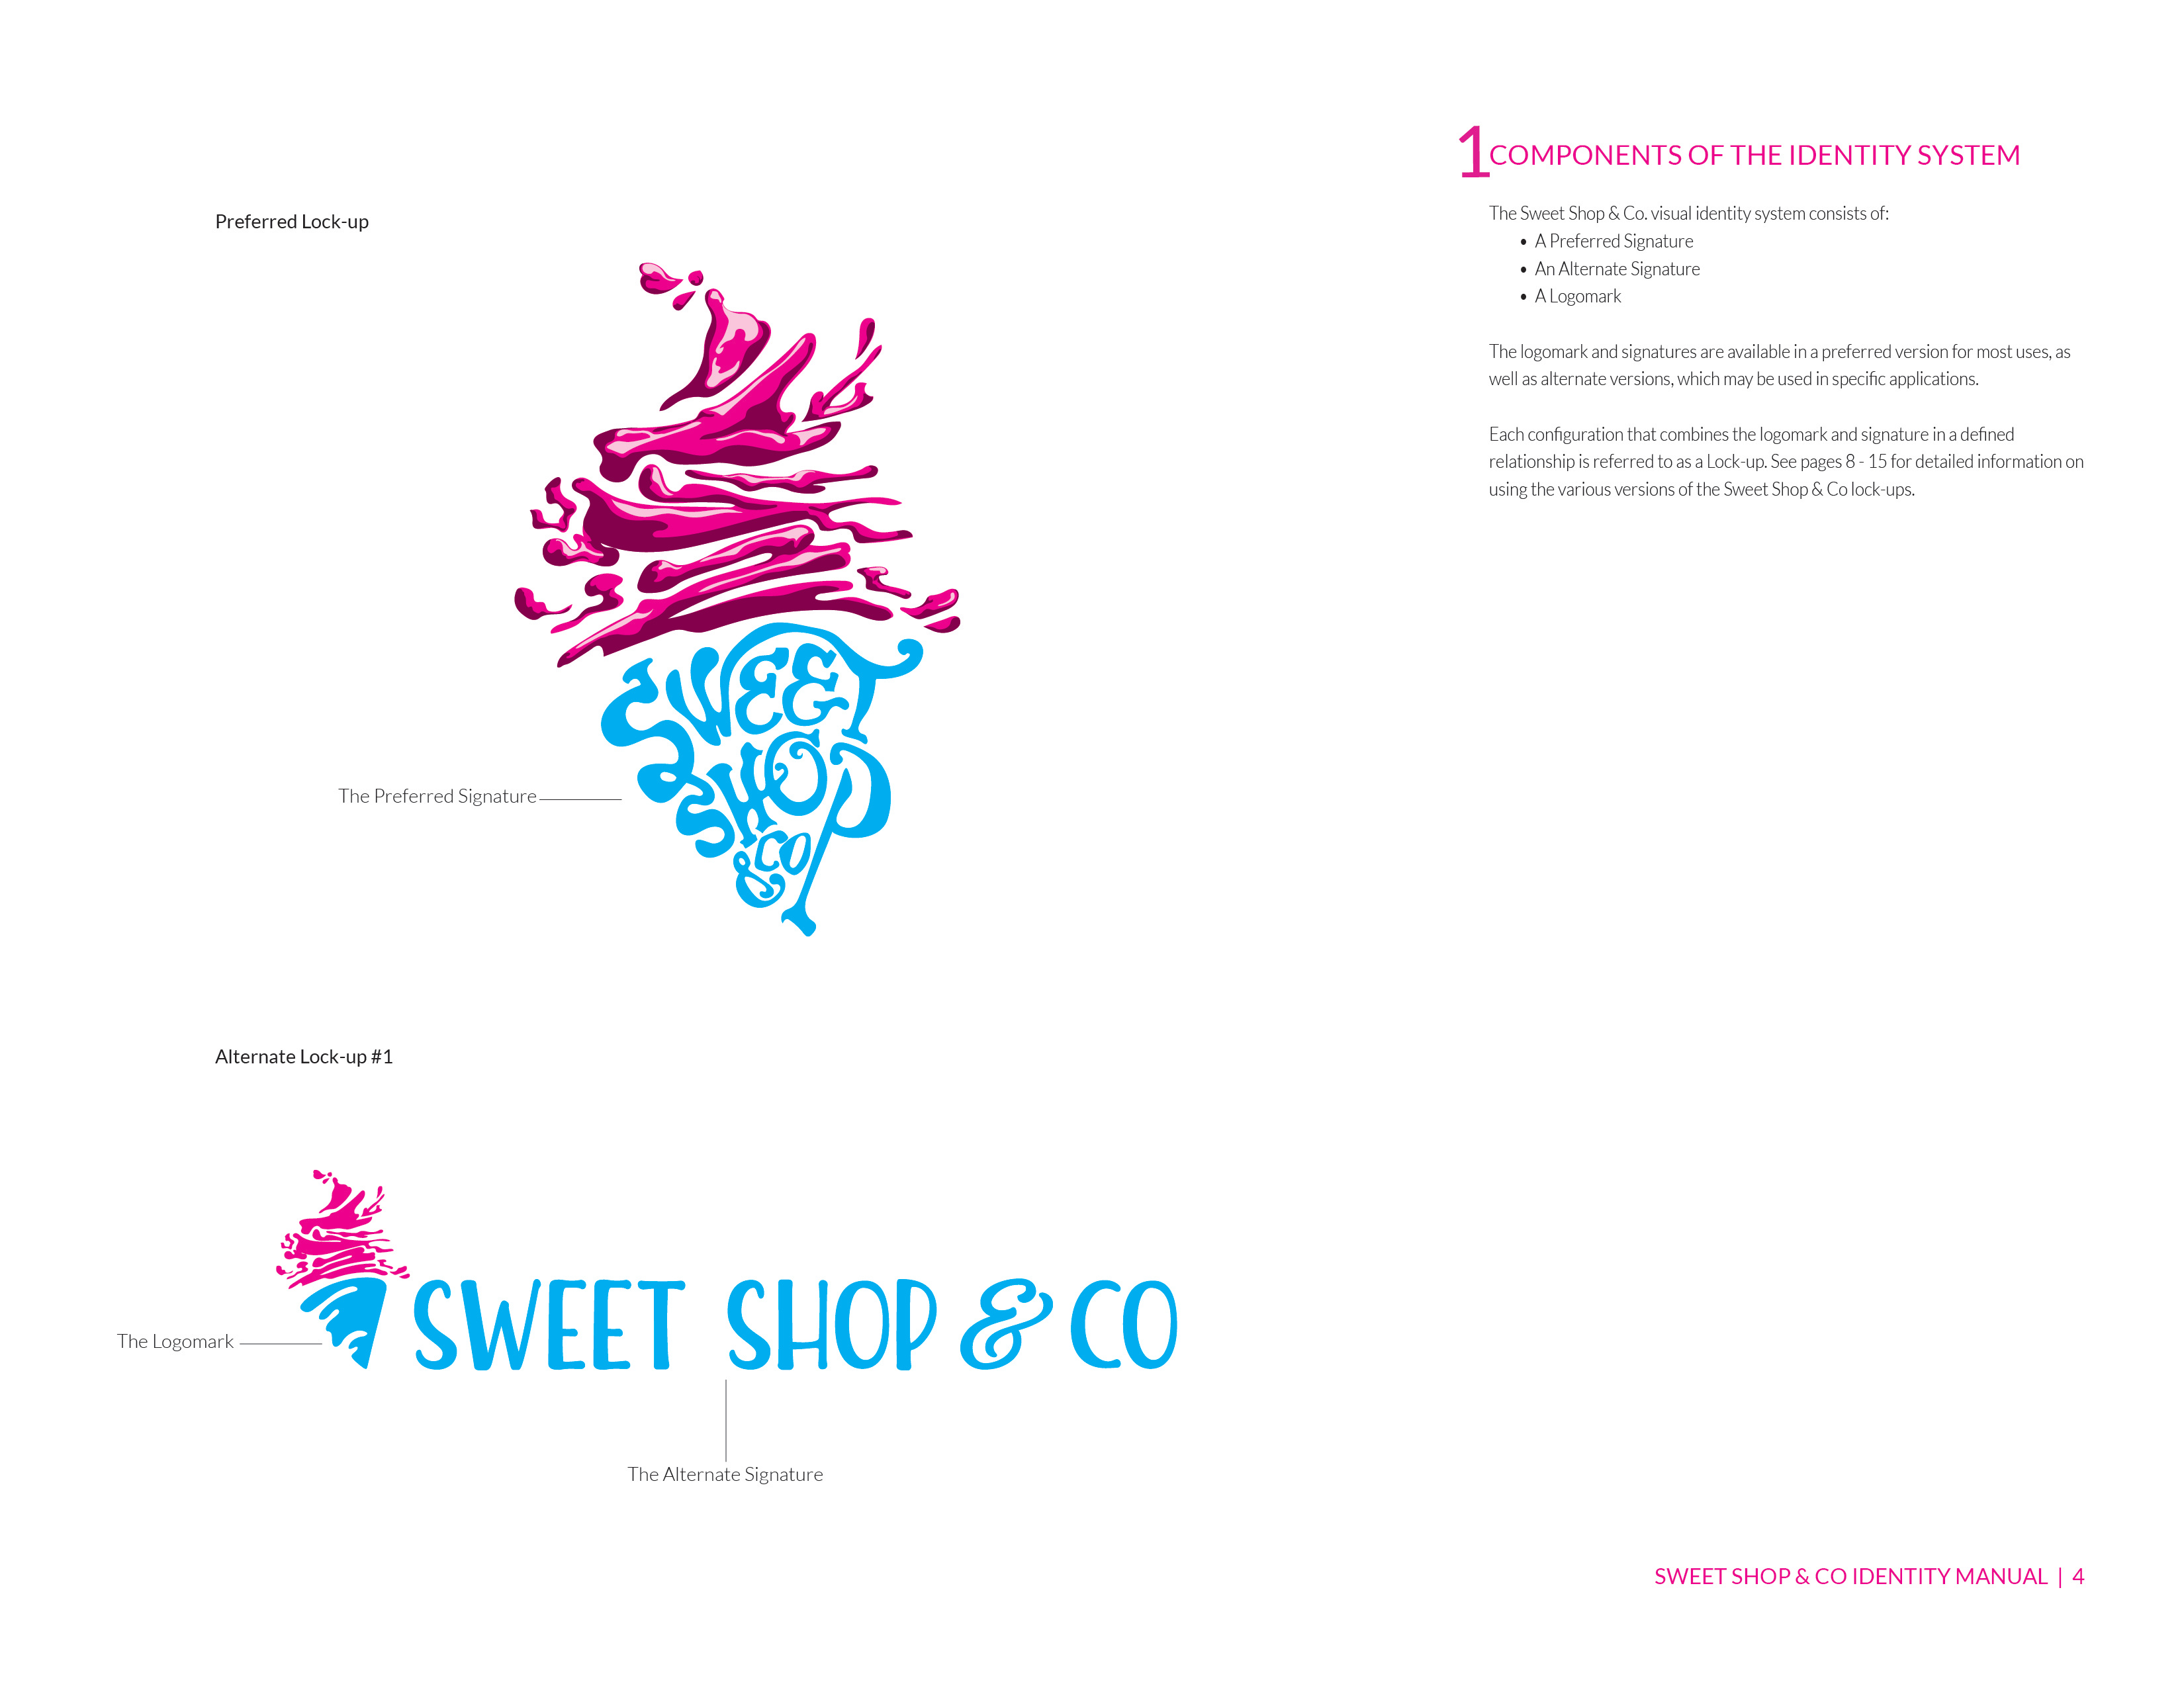 4SweetShop&Co_IdentityManual